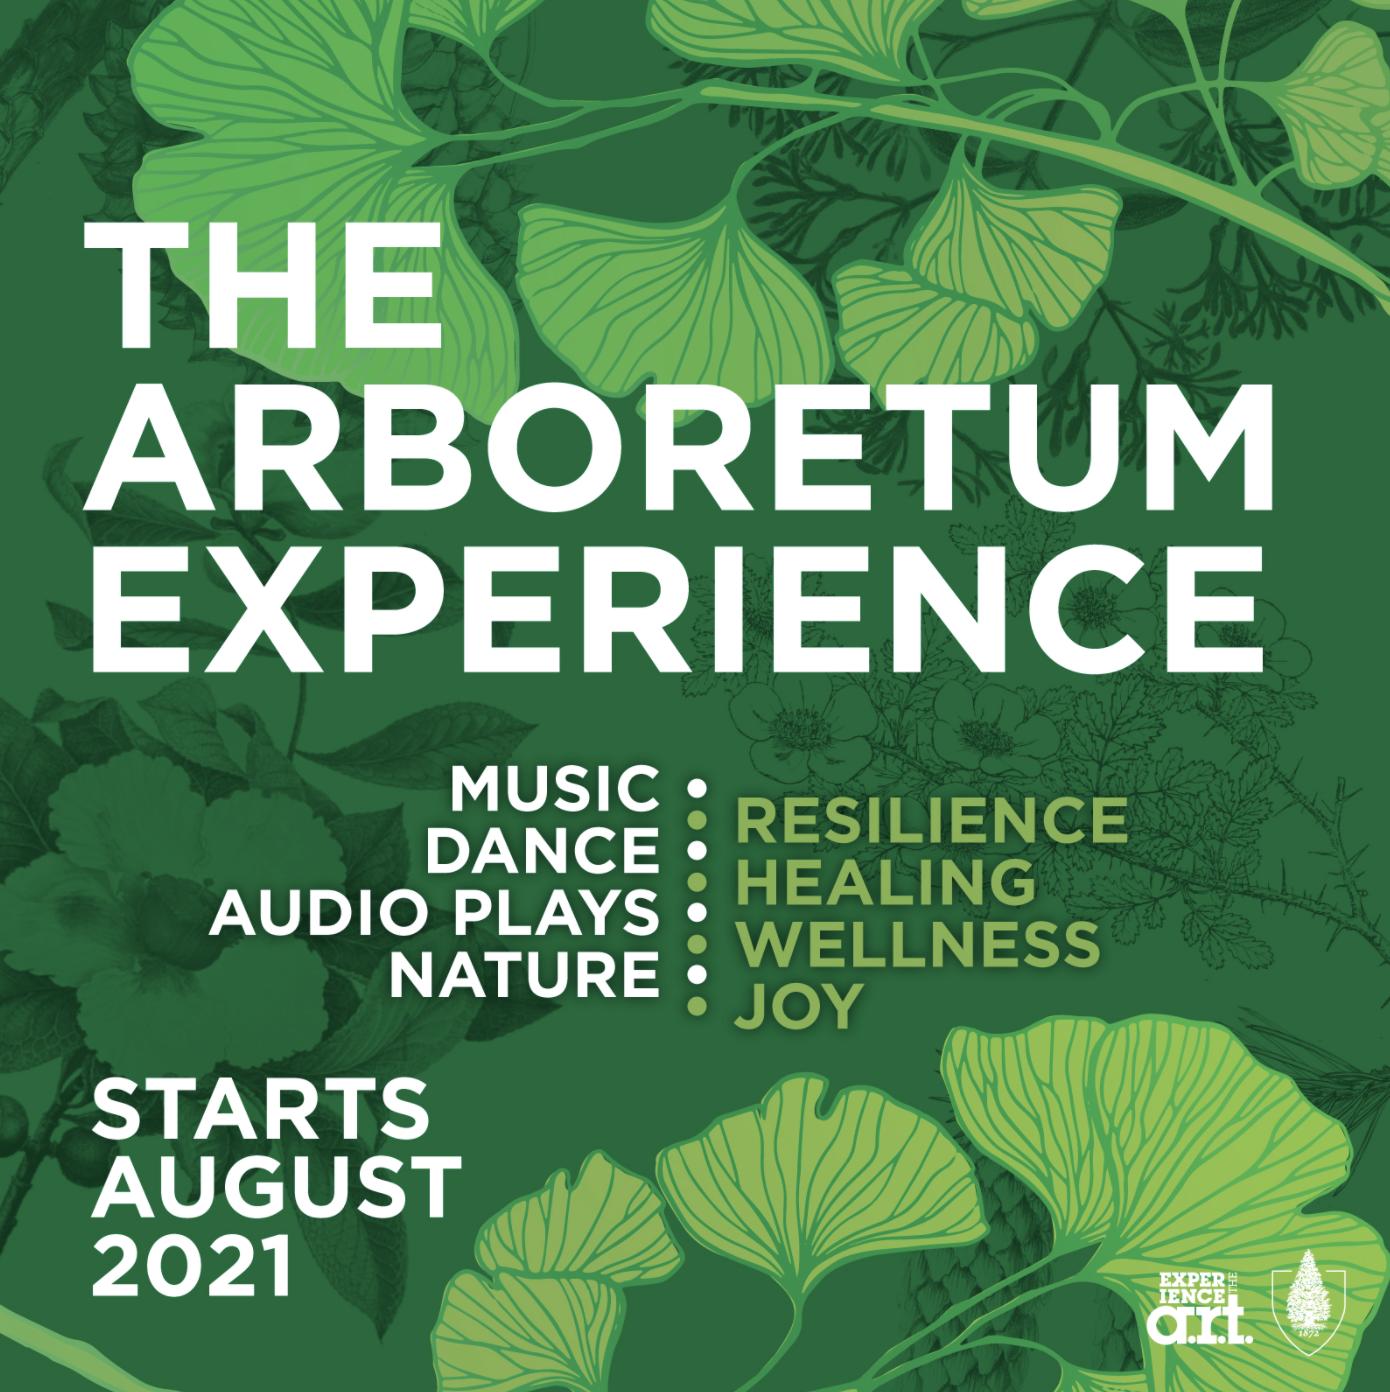 Arboretum Experience